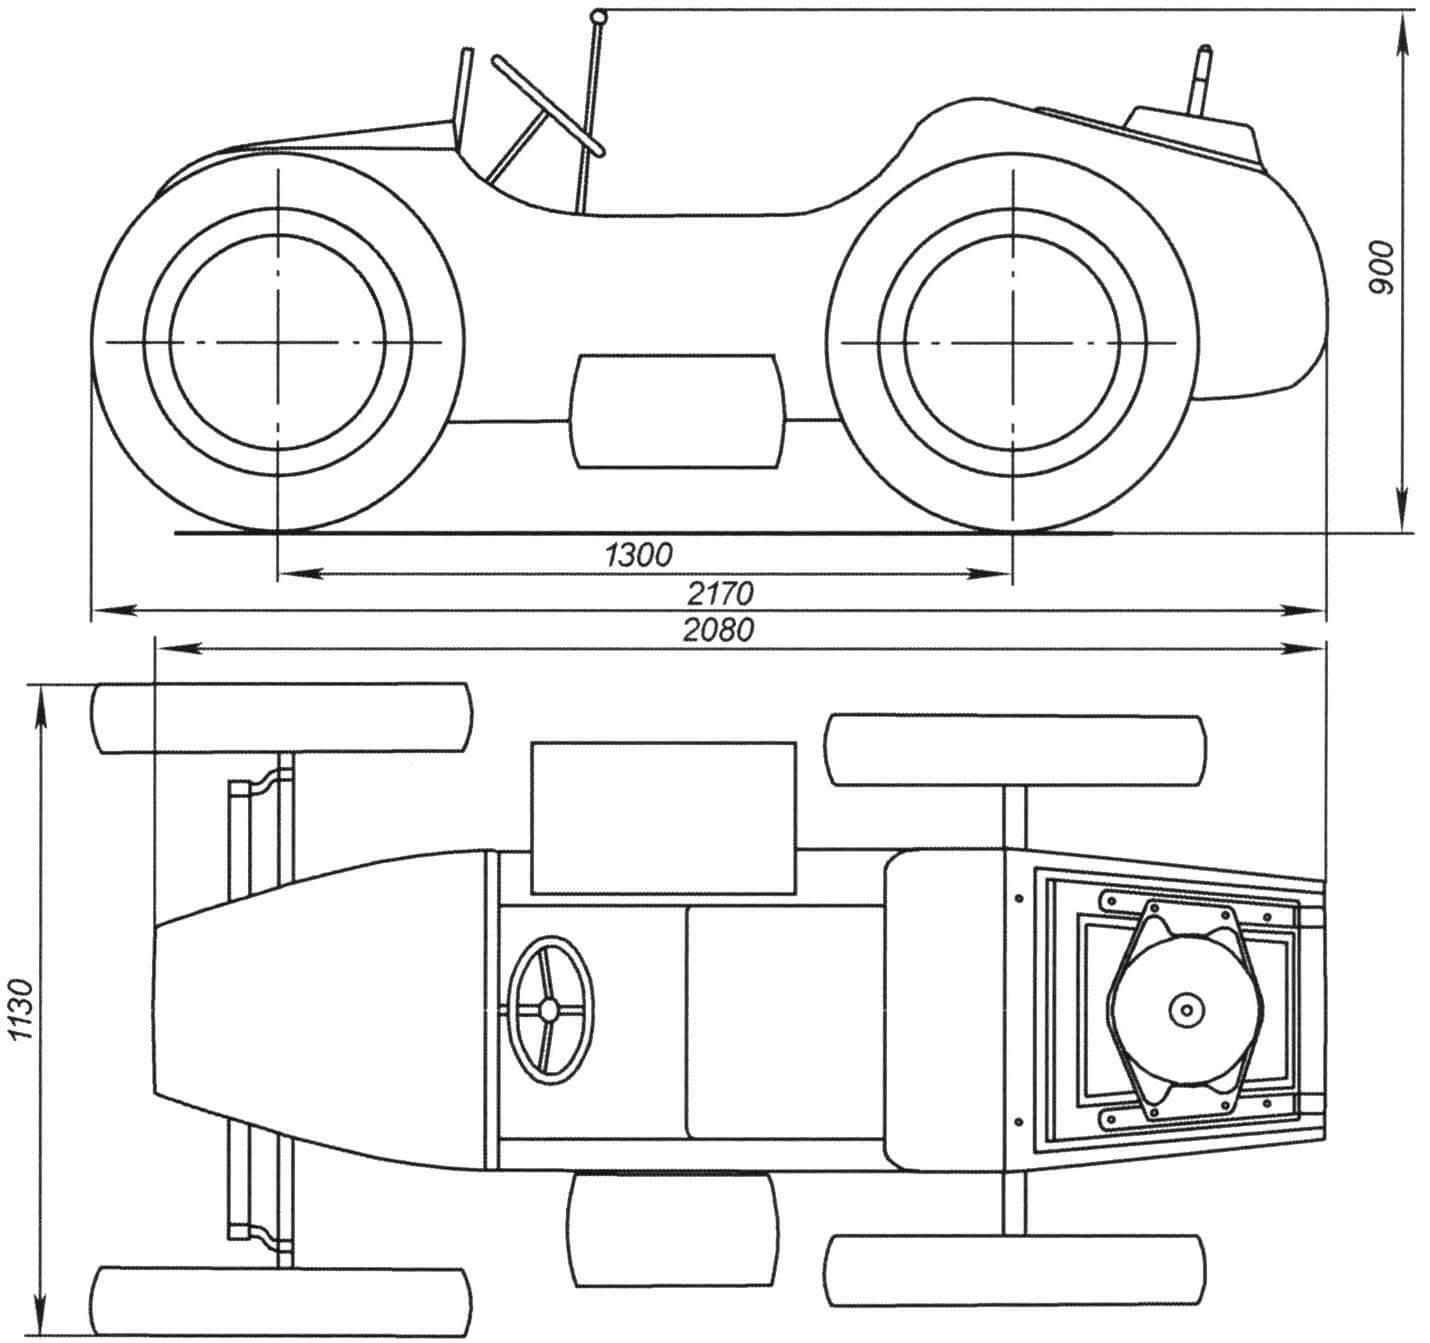 Габаритный чертеж мотомобиля. Выхлопная система и светотехника не обозначены, силовой агрегат и подвеска изображены условно